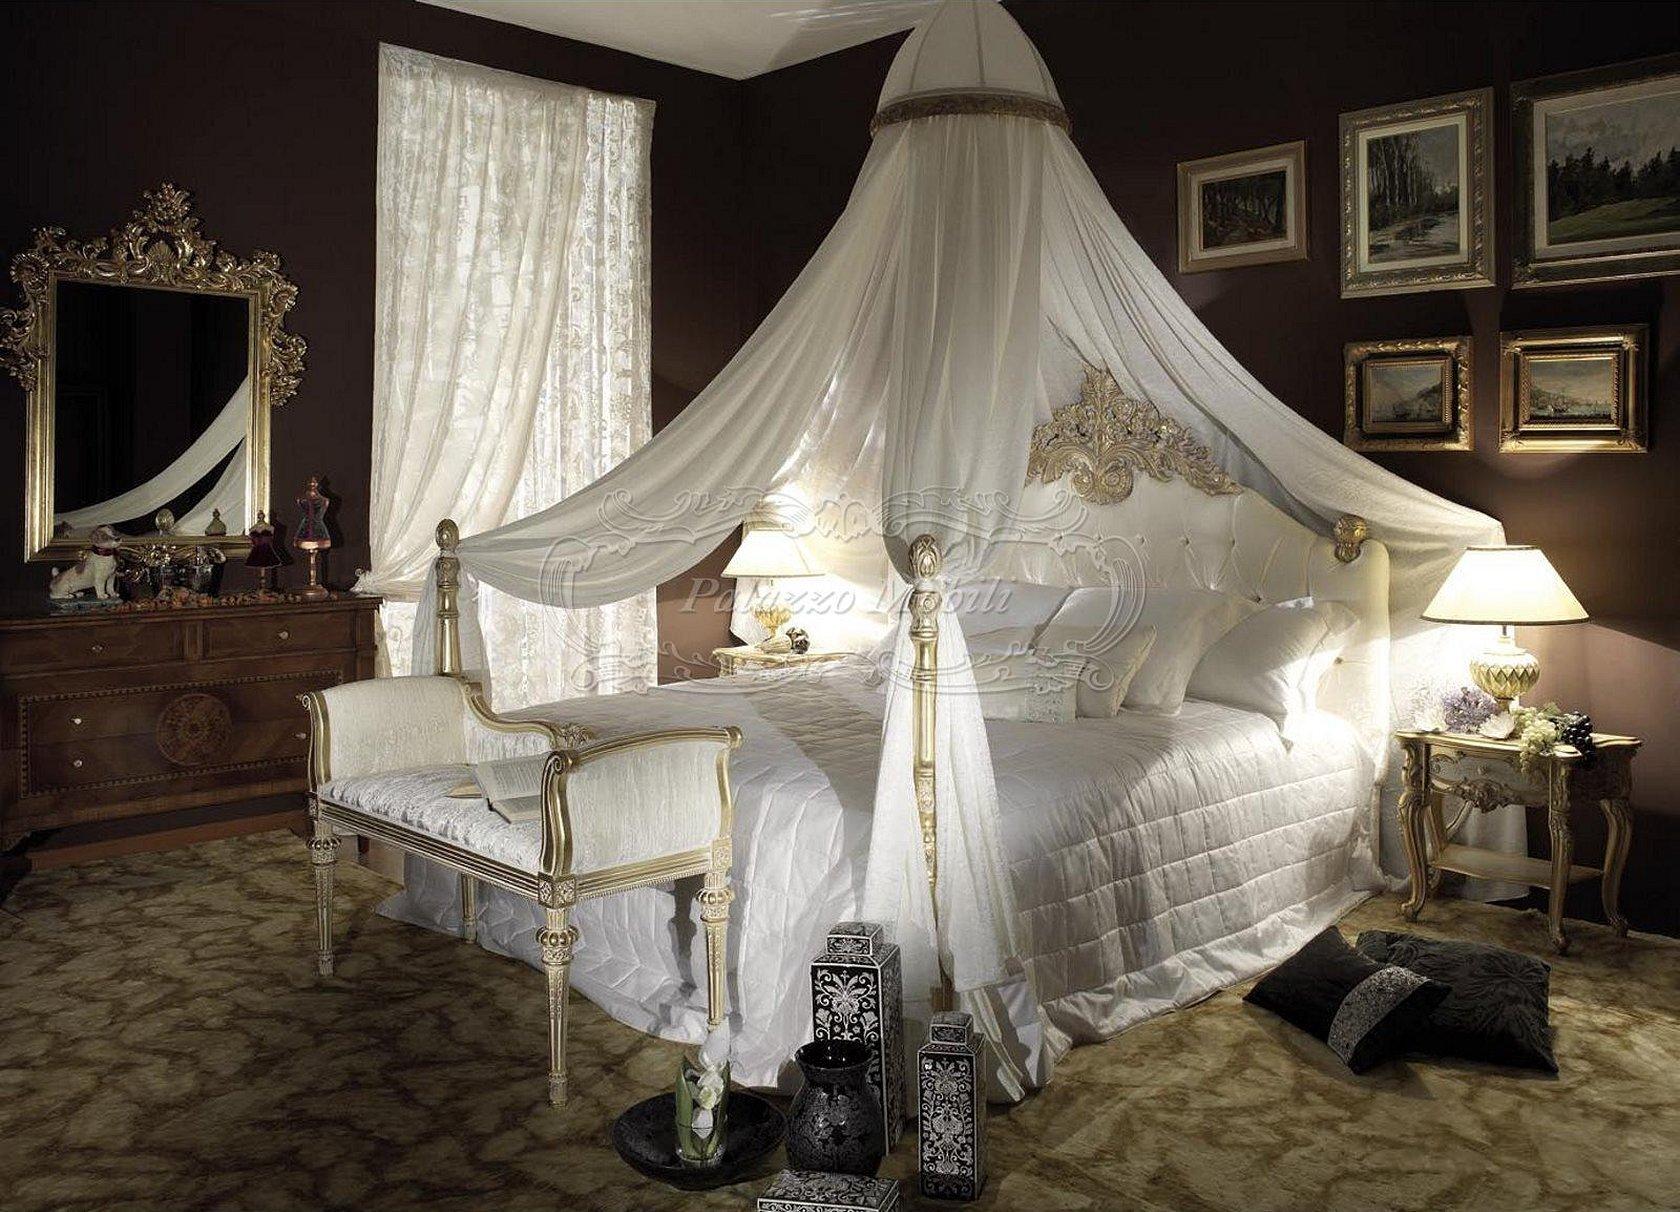 Кровать с балдахином в венецианском стиле